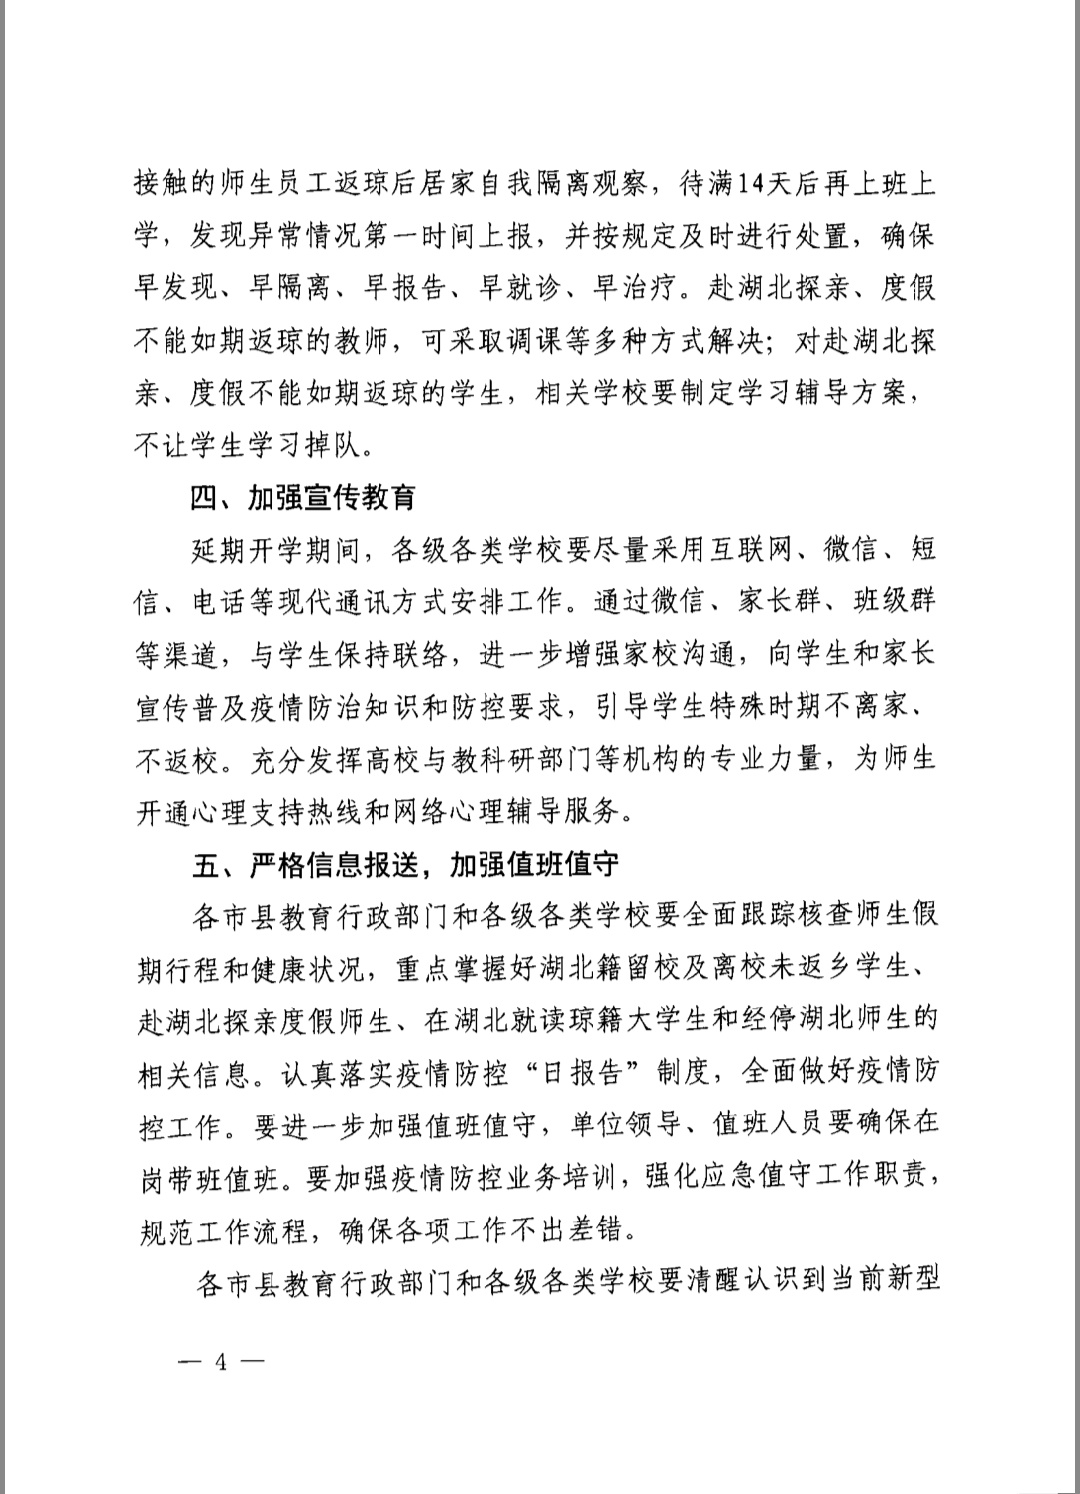 海南省教育廳關于做好各類學校2020年春季學期延期開學有關工作的緊急通知